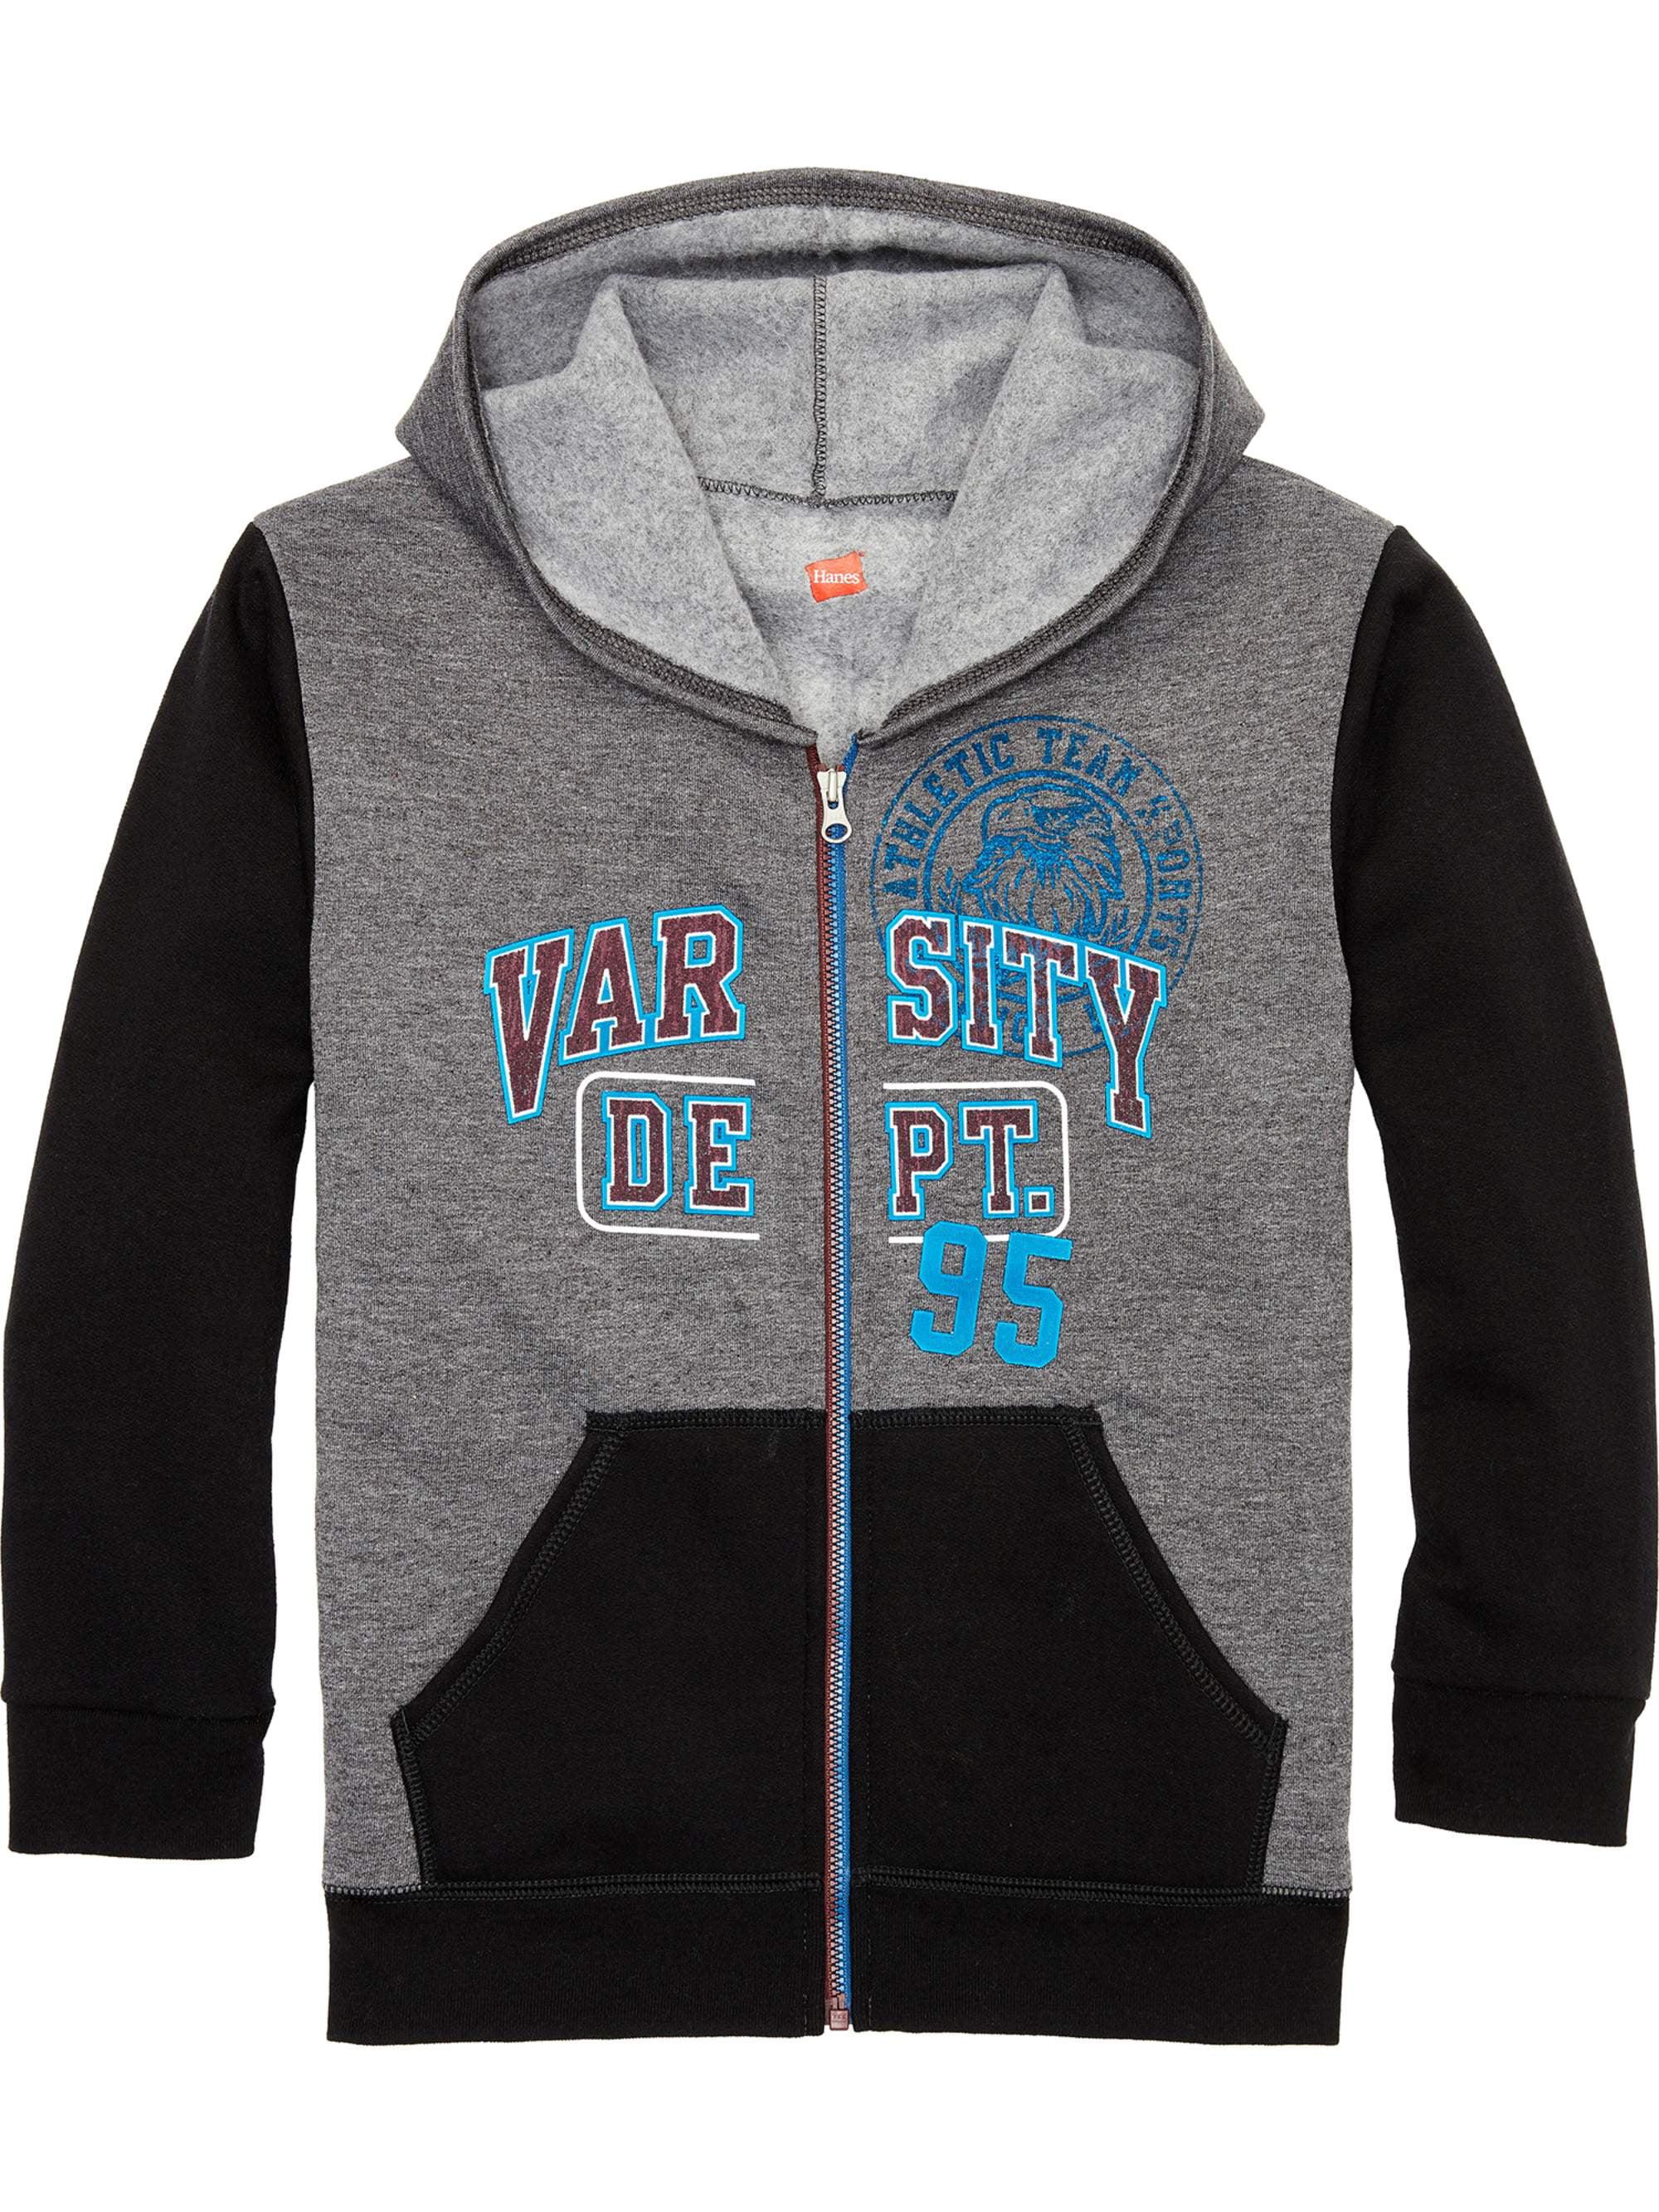 Fleece Colorblock Zip Up Hooded Sweatshirt (Little Boys & Big Boys)